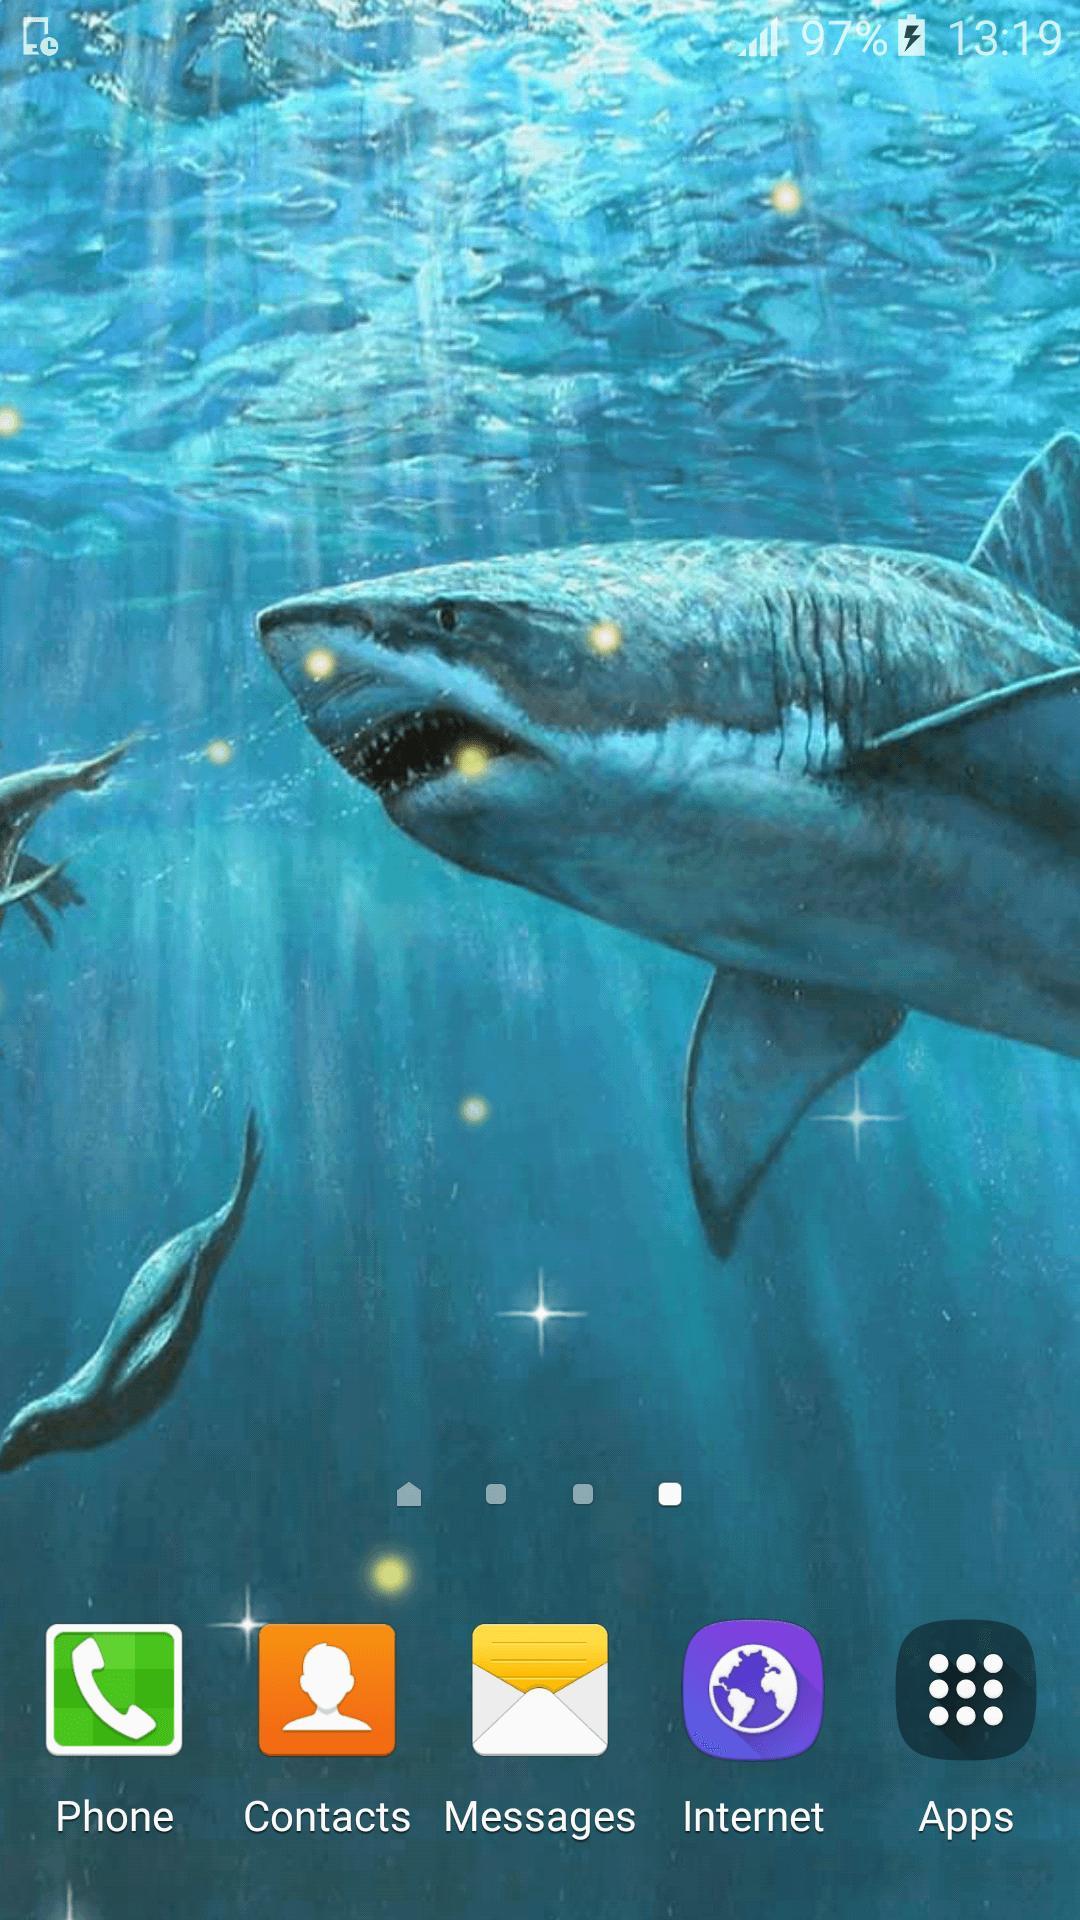 Android 用の ライブ壁紙サメ Apk をダウンロード